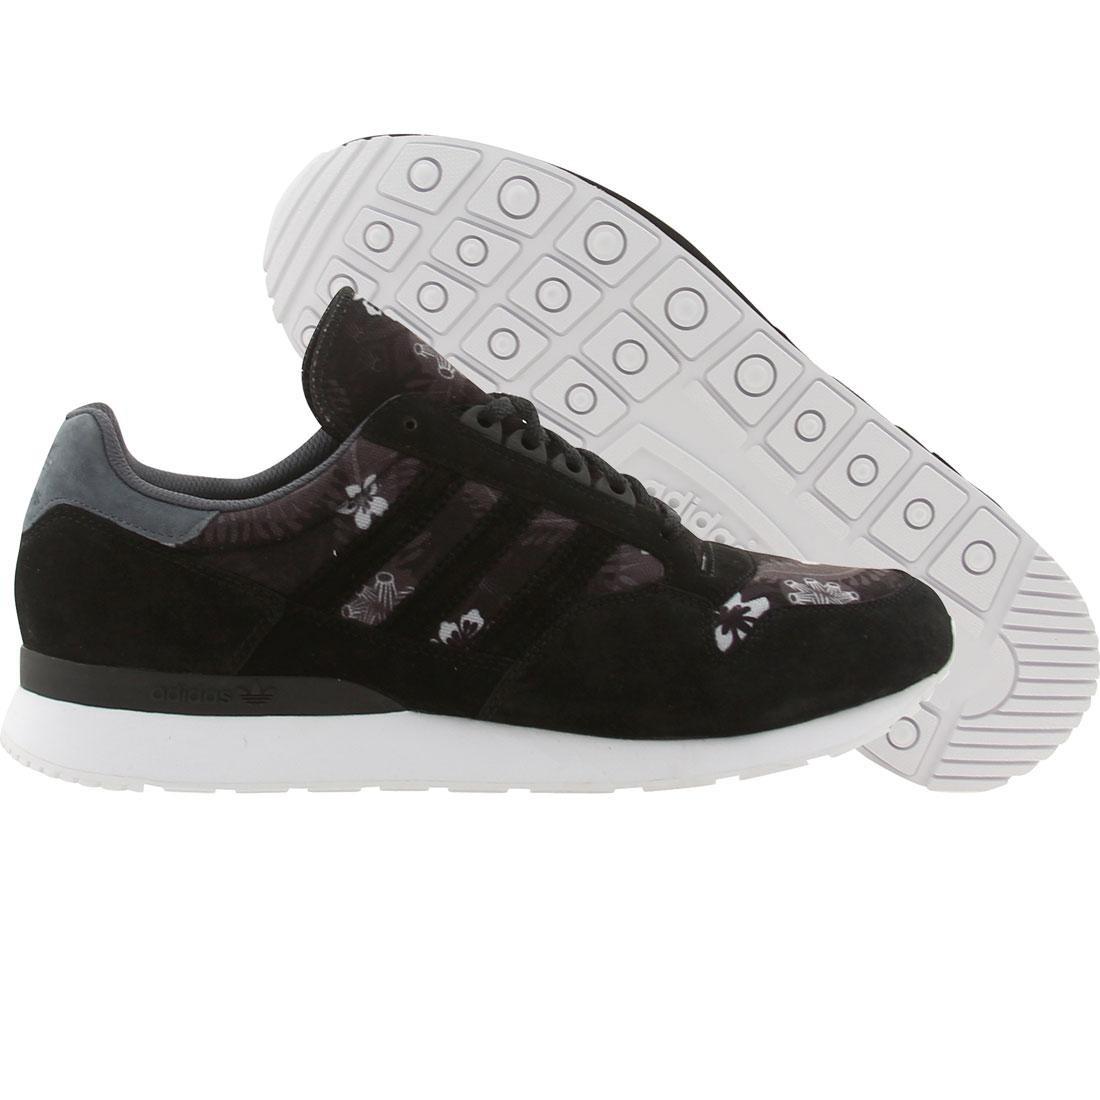 【海外限定】アディダス スニーカー メンズ靴 【 ADIDAS MEN ZX 500 HAWAIIAN BLACK LEAD RUNNINWHITE 】